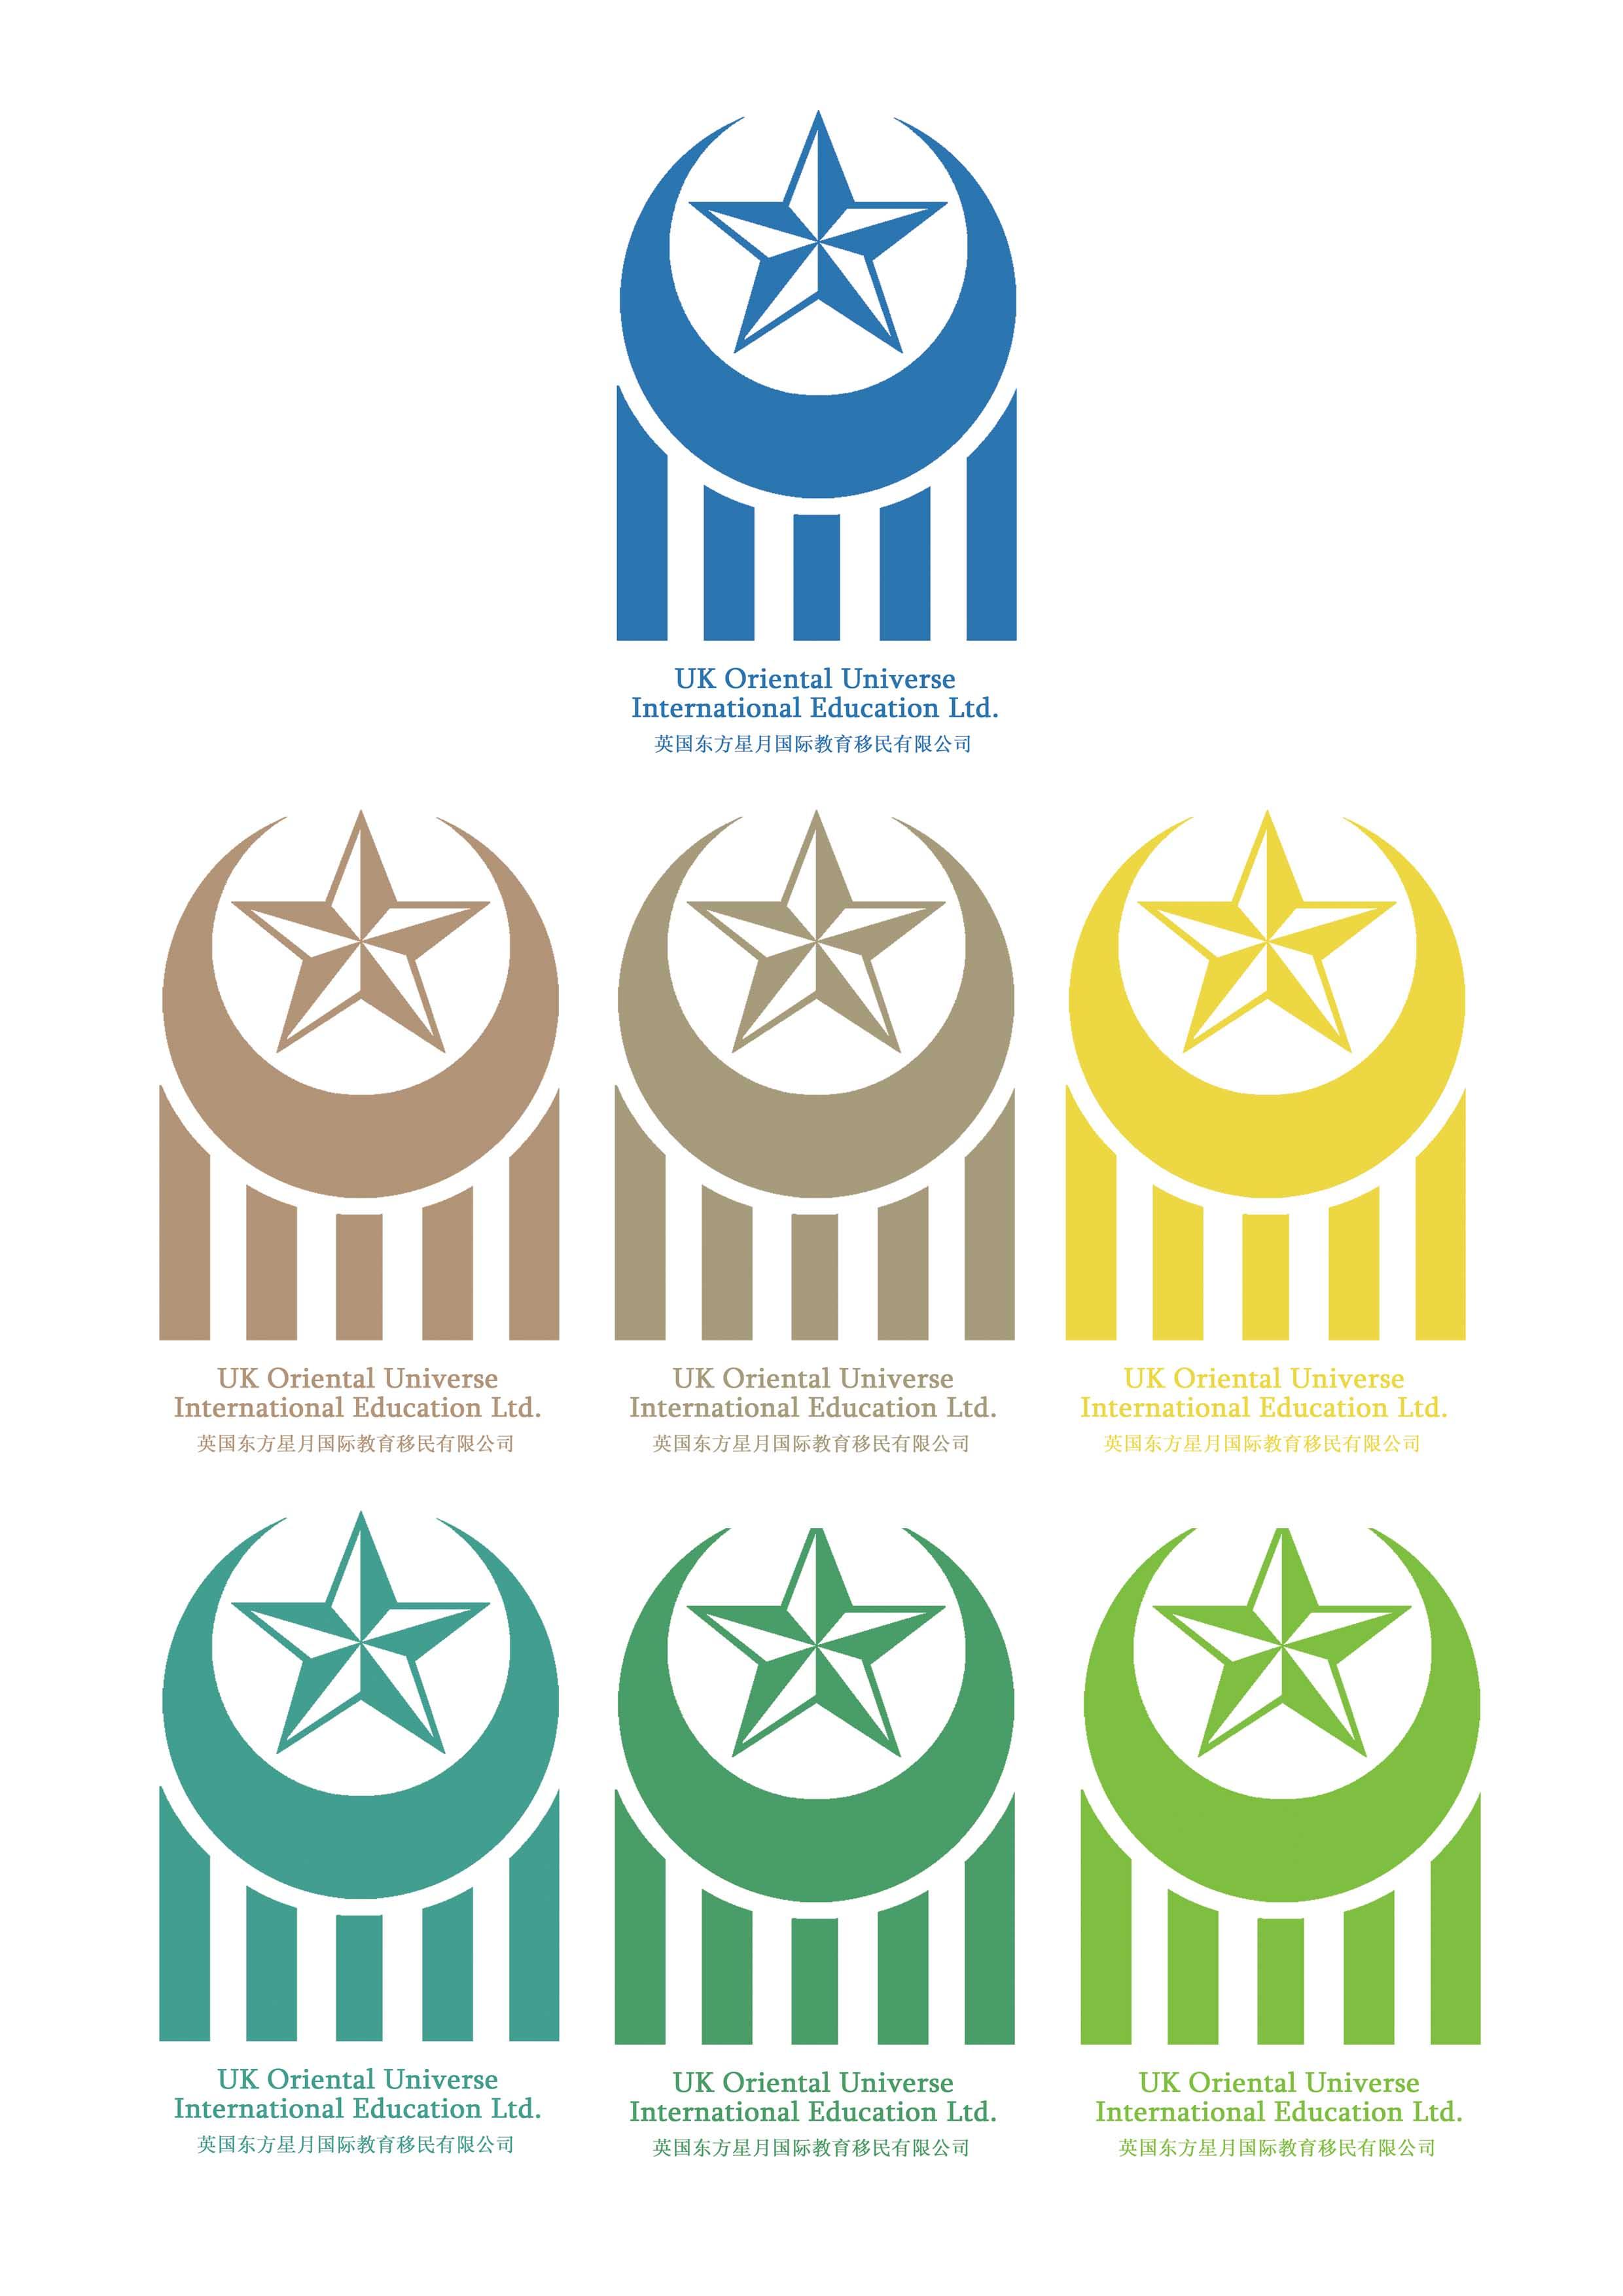 英国东方星月国际教育移民有限公司 英文名称为:UK Oriental Universe International Education Ltd. 公司为在英国留学的中国学生提供学校申请和续签服务。LOGO设计以让人感觉诚实,可靠,高效为中心,请自由发挥。 设计内容:公司LOGO,名片和带公司标志的抬头纸。  【客户联系方式】 见二楼 【重要说明】